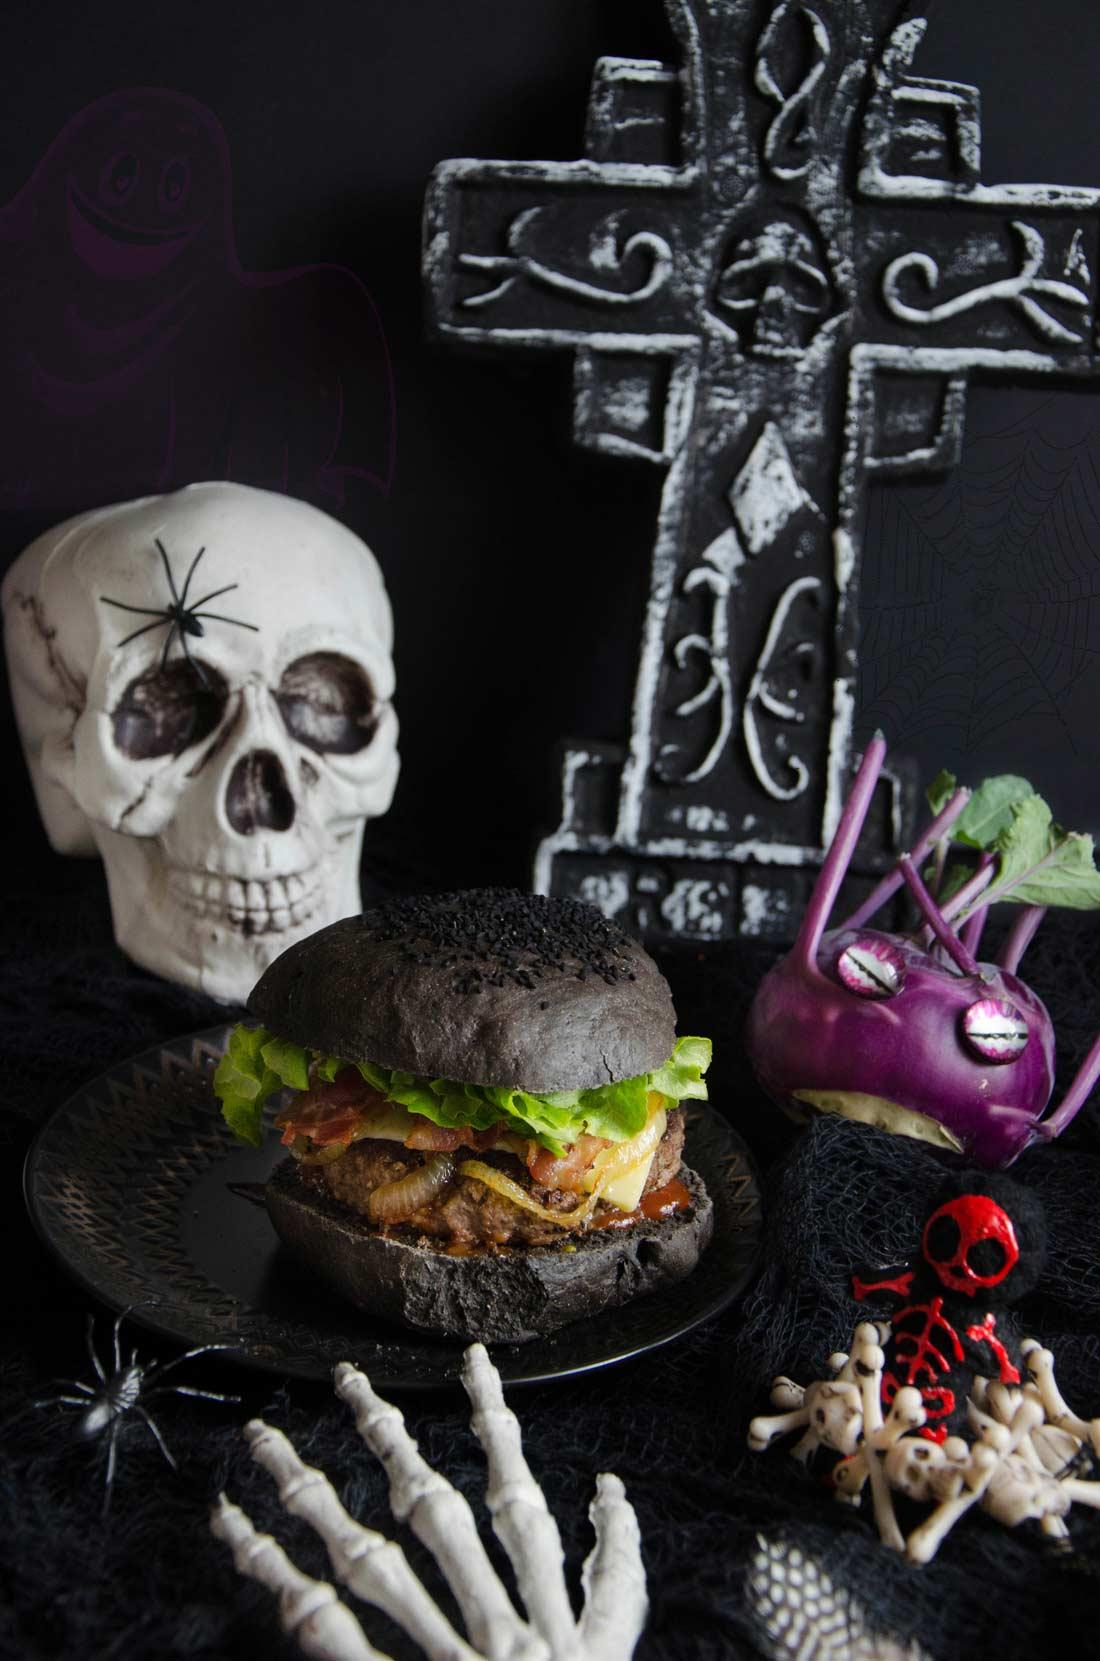 Pains à hamburger noir maison